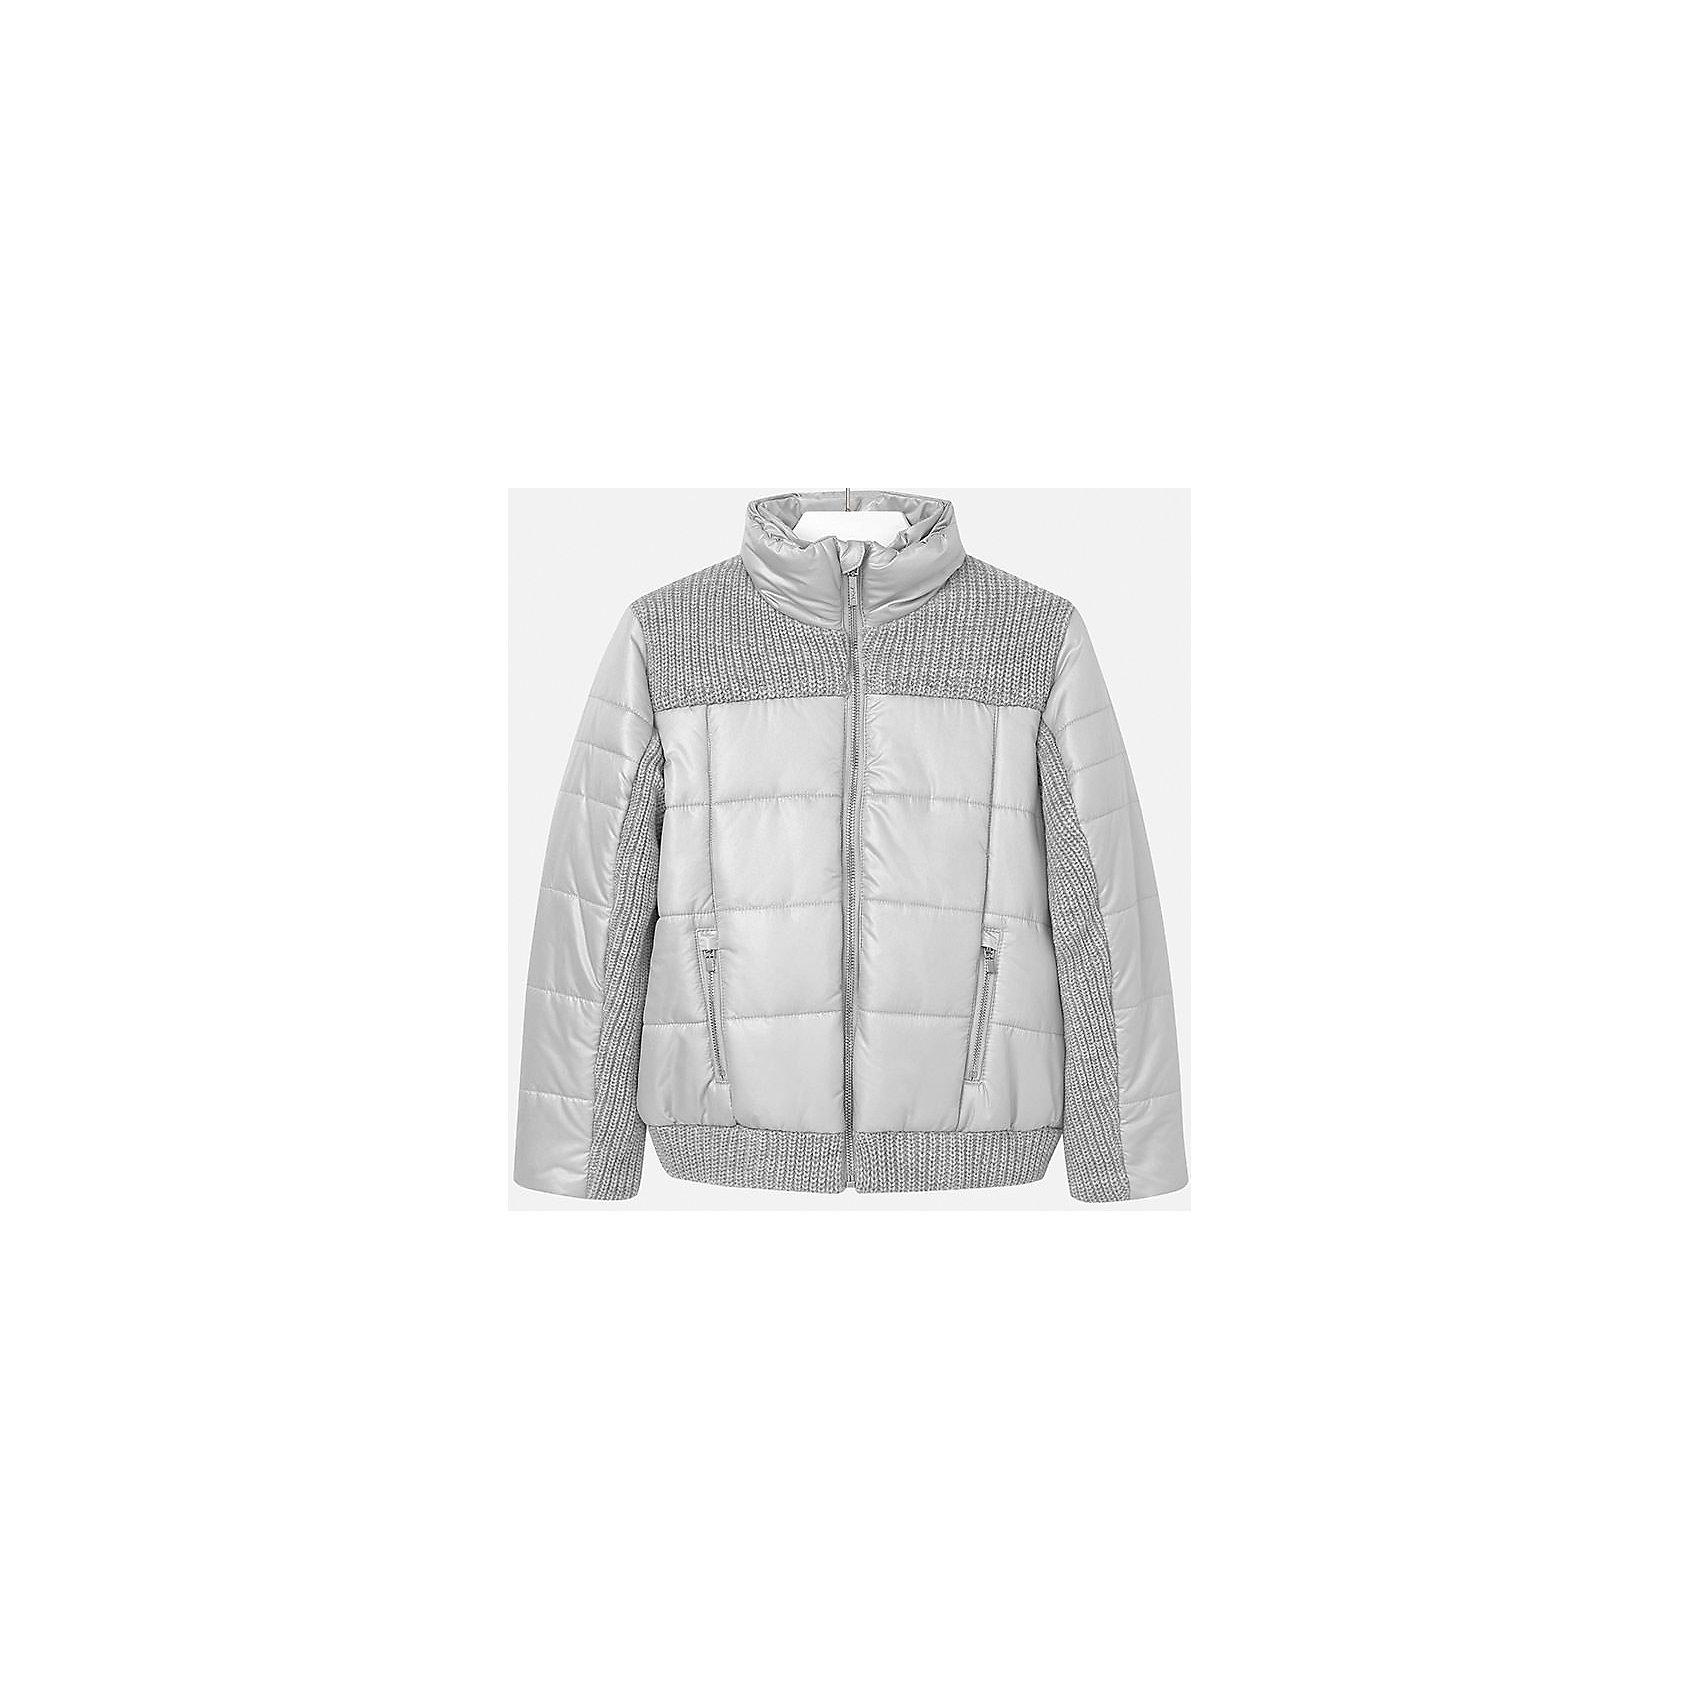 Куртка для девочки MayoralВерхняя одежда<br>Куртка для девочки от популярного испанского бренда Mayoral(Майорал). Изготовлена из материалов, способных сохранять тепло. Приятный дизайн с вязаными вставками. Модель застегивается на молнию, спереди есть два кармана. Такая курточка прекрасно подойдет к любой детали гардероба девочки!<br>Дополнительная информация:<br>-застегивается на молнию<br>-вязаные вставки на груди, рукавах и подоле<br>-цвет: серый<br>-состав. 70% полиэстер, 30% акрил; подкладка: 100% полиэстер<br>Куртку Mayoral(Майорал) вы можете приобрести в нашем интернет-магазине.<br><br>Ширина мм: 356<br>Глубина мм: 10<br>Высота мм: 245<br>Вес г: 519<br>Цвет: серый<br>Возраст от месяцев: 132<br>Возраст до месяцев: 144<br>Пол: Женский<br>Возраст: Детский<br>Размер: 134/140,128/134,146/152,164/170,152/158,158/164<br>SKU: 4847304